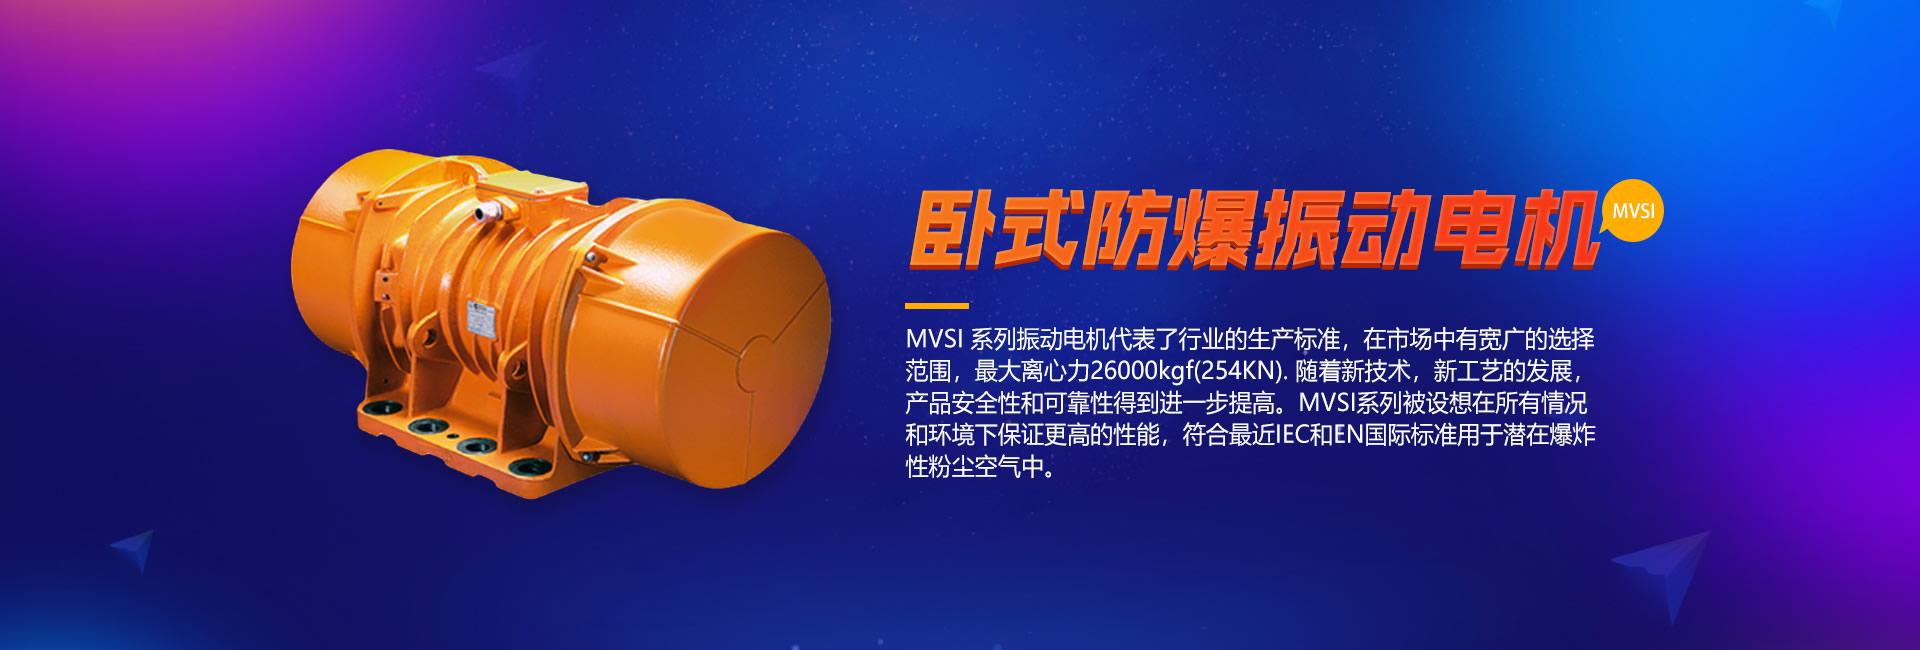 卧式防爆振动电机MVSI